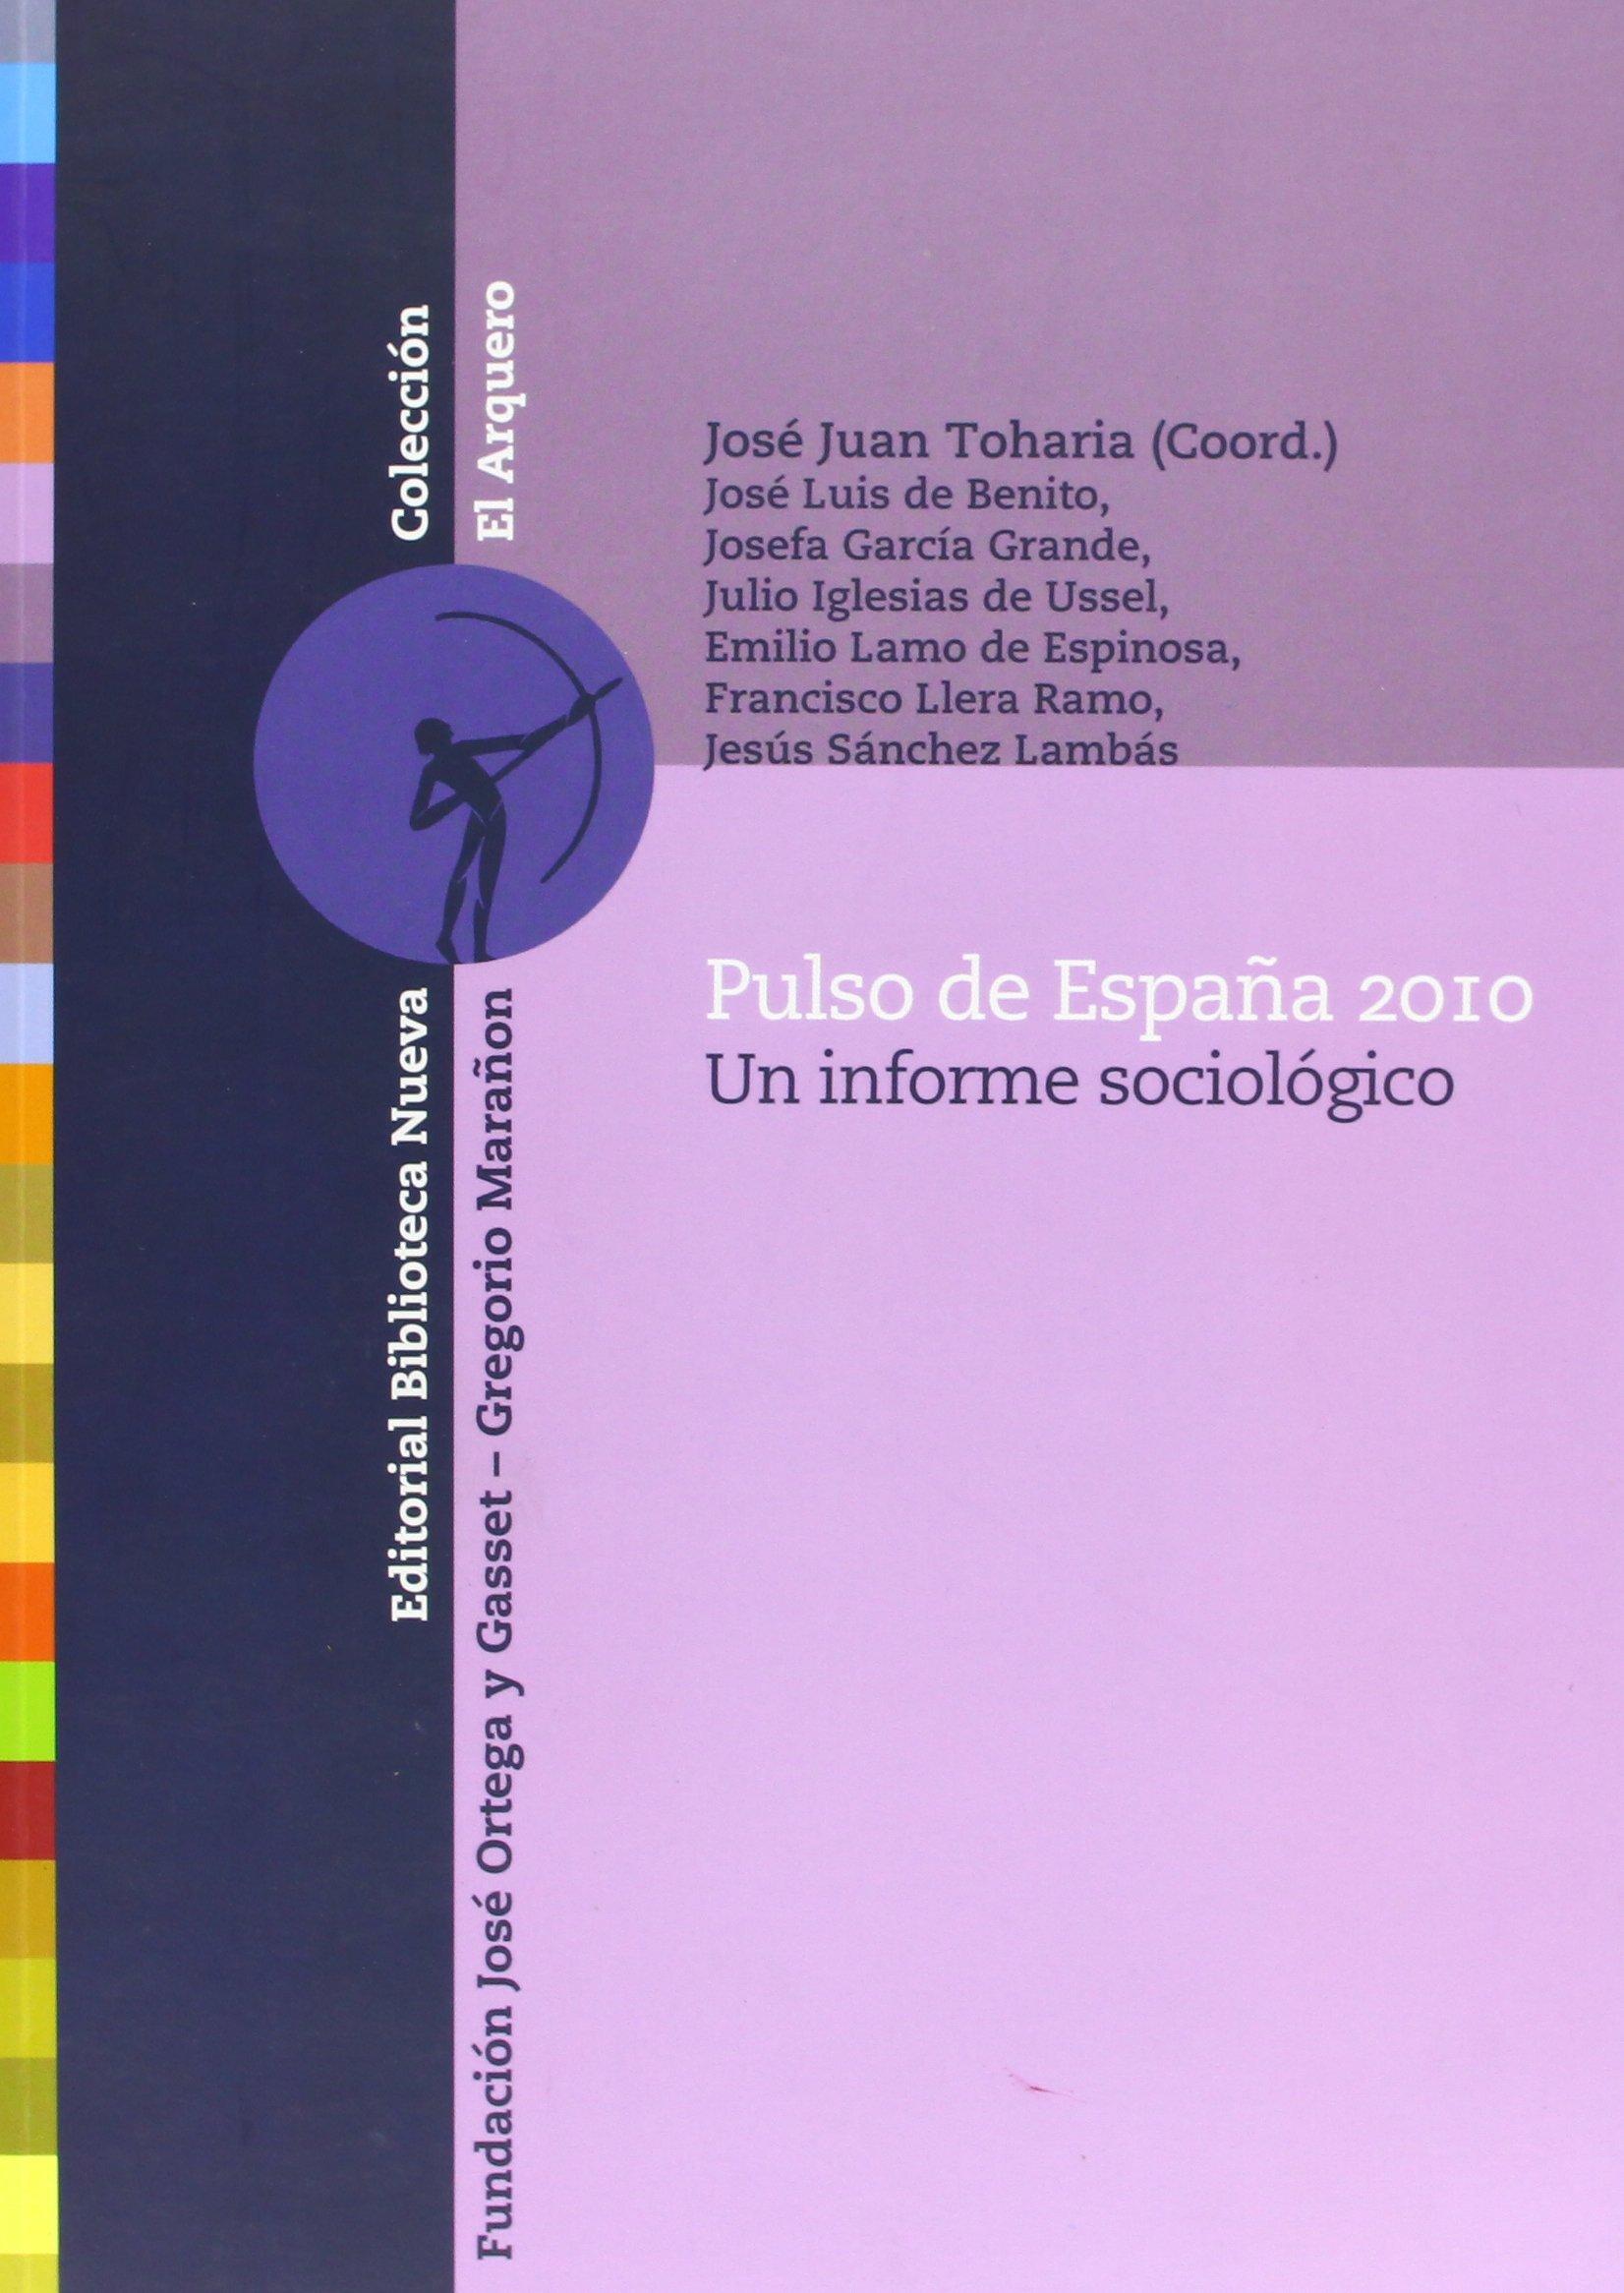 Pulso de España 2010: Un informe sociológico El Arquero: Amazon.es: Toharia, José Juan: Libros